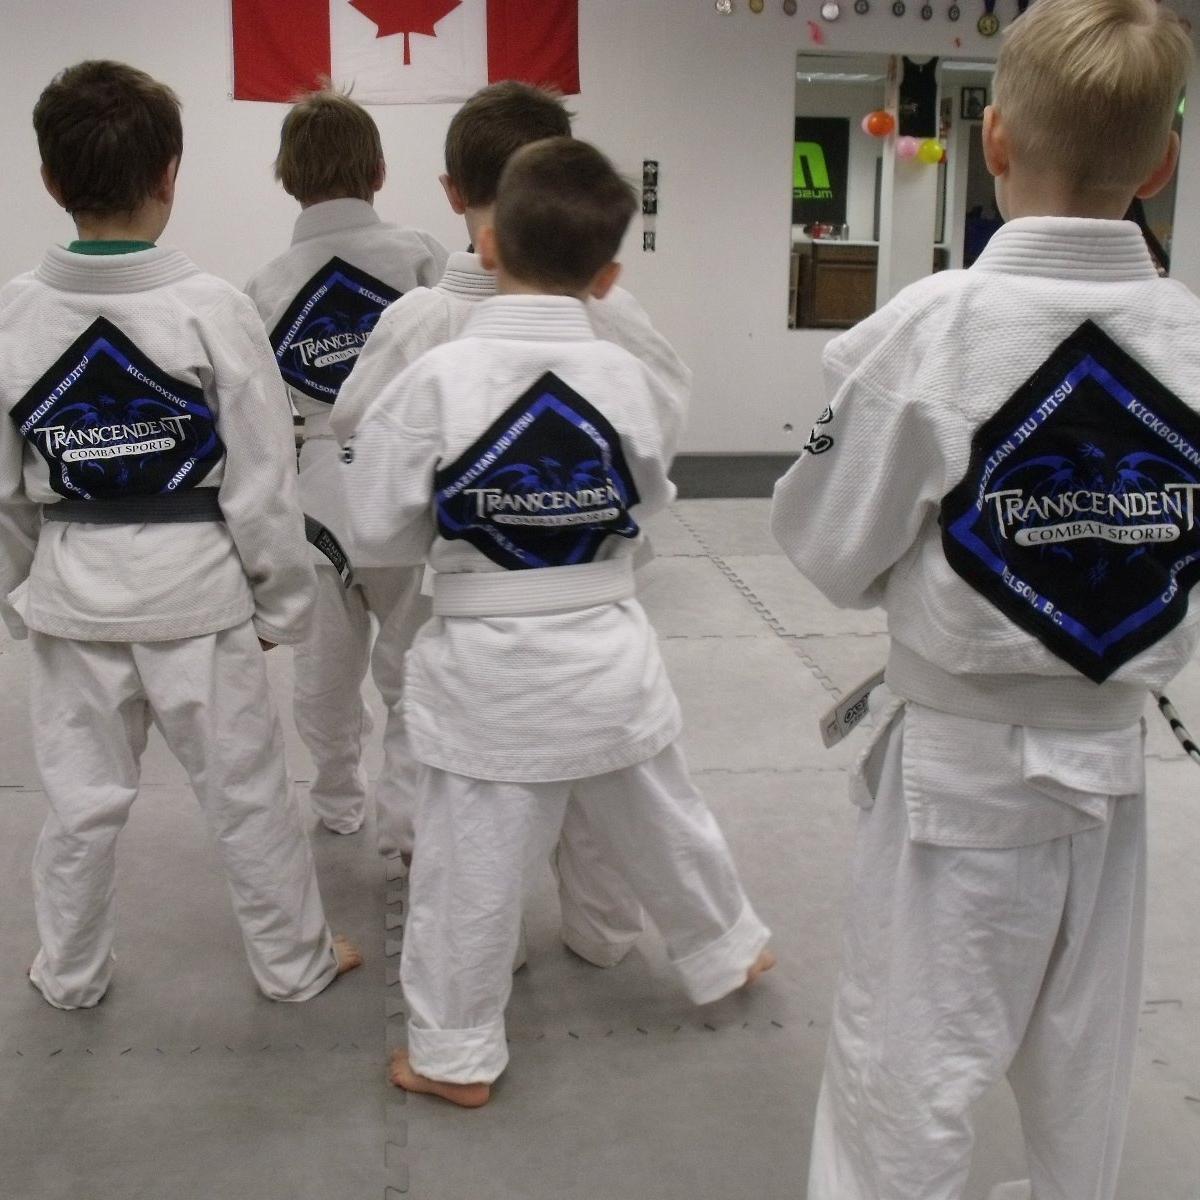 Kids Brazilian Jiu Jitsu - Brazilian Jiu Jitsu for kids 5-12 years old